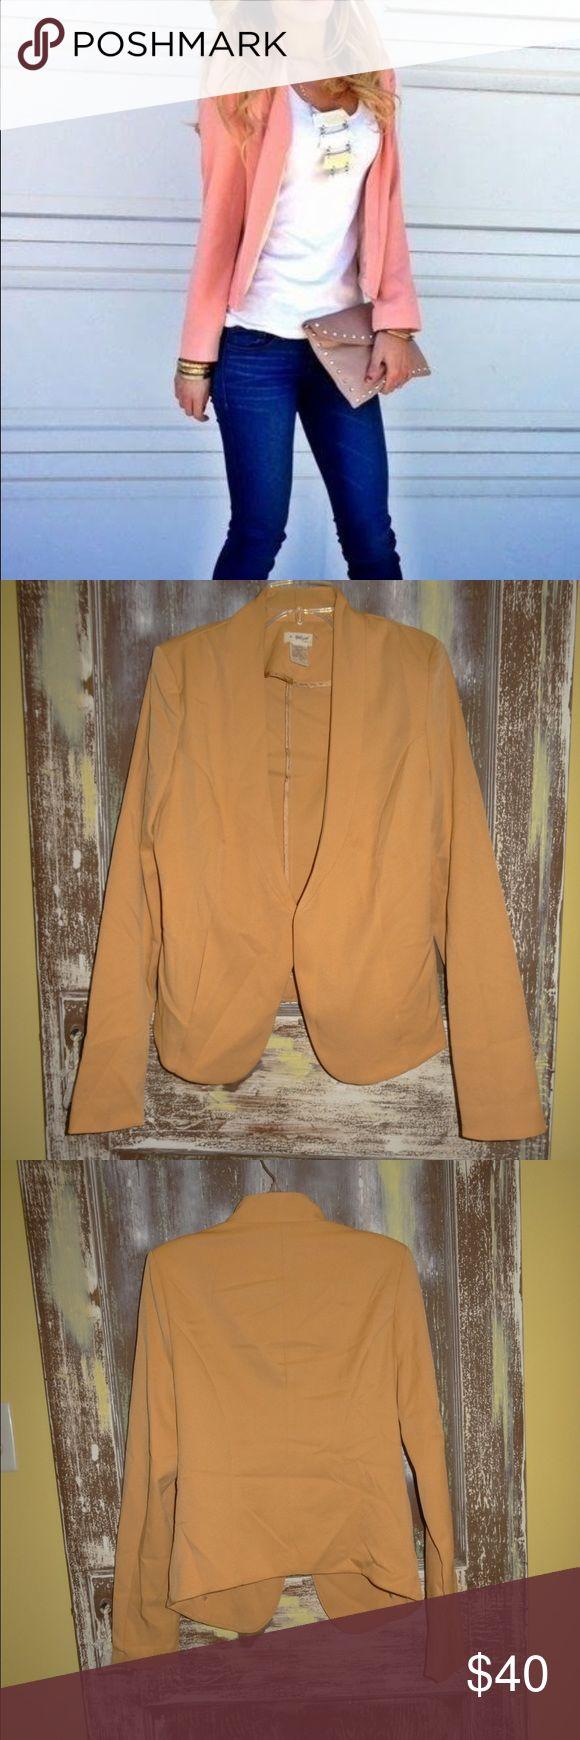 NWOT BLVD Peach Coral Jacket Blazer Low Neckline NWOT BLVD Peach Coral Jacket Blazer Cardigan Deep Low Neckline Size M BLVD  Jackets & Coats Blazers